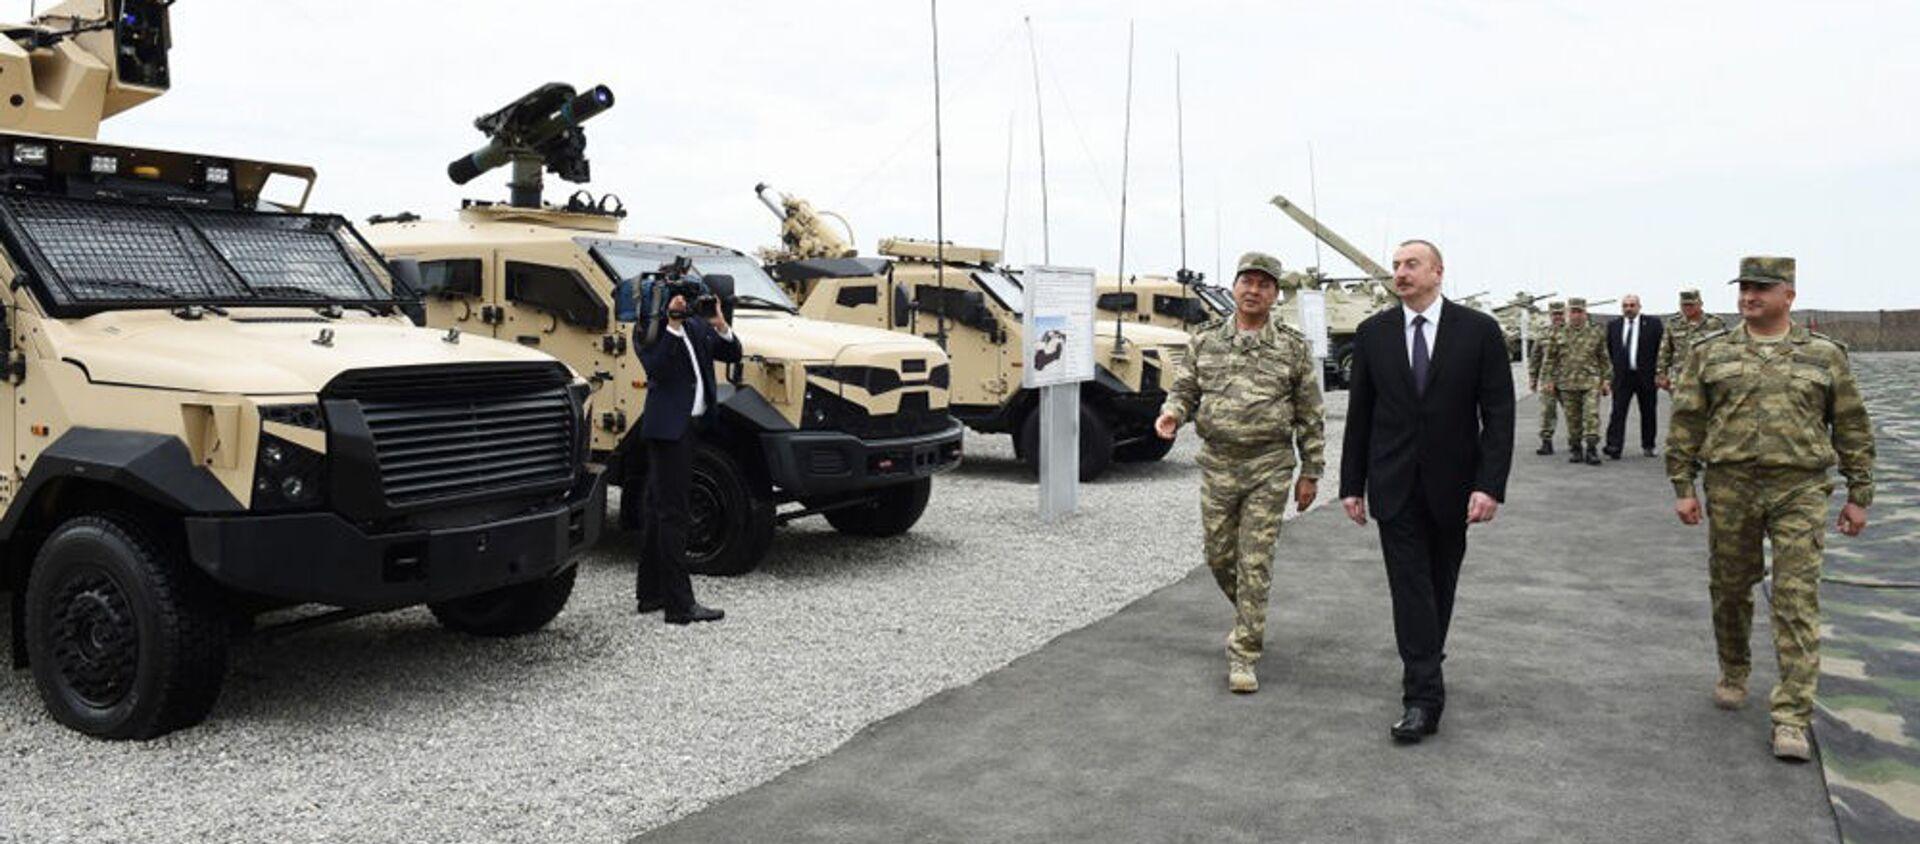 Президент Азербайджана Ильхам Алиев во время визита в военную часть (5 июня 2018). Азербайджан - Sputnik Армения, 1920, 18.10.2020